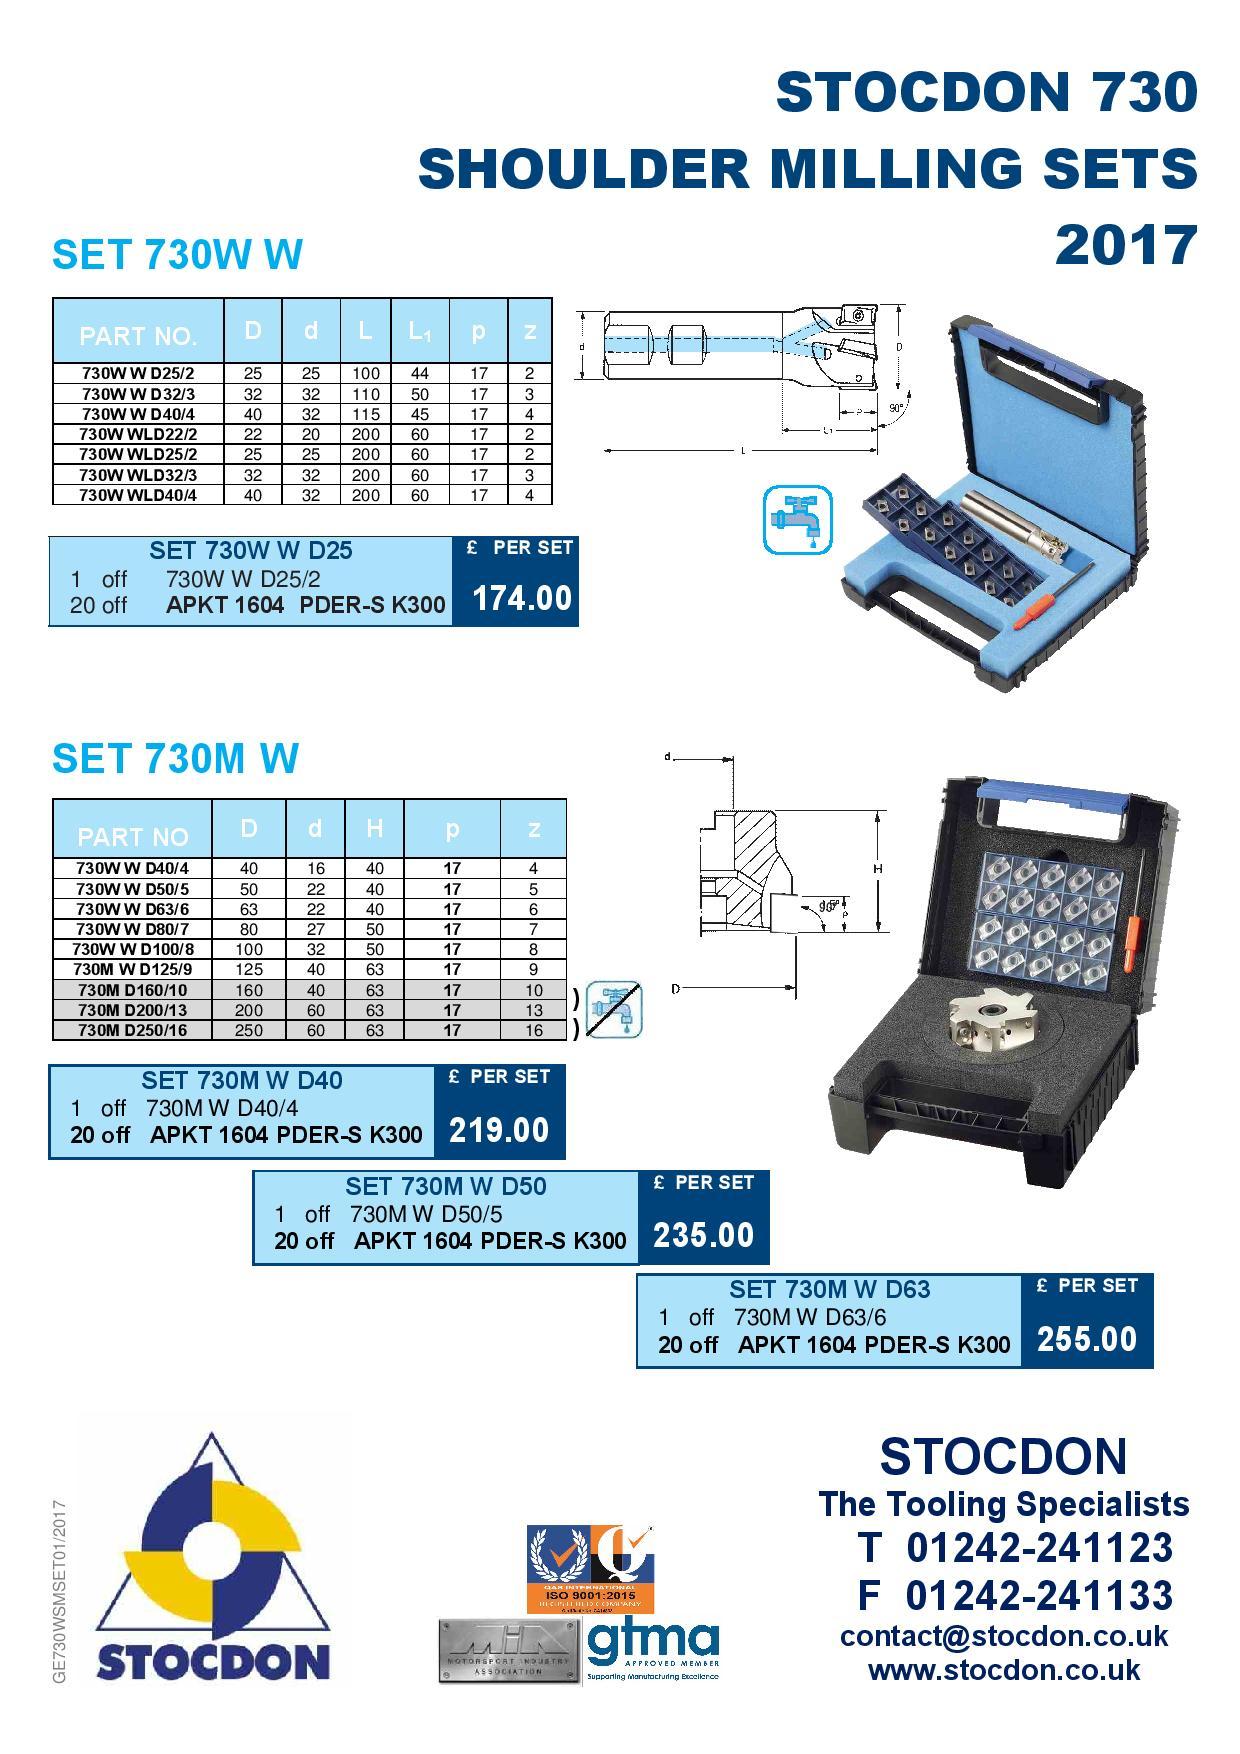 STOCDON-730W-SHOULDER-MILLING-SETS-Jan-2017-page-001.jpg